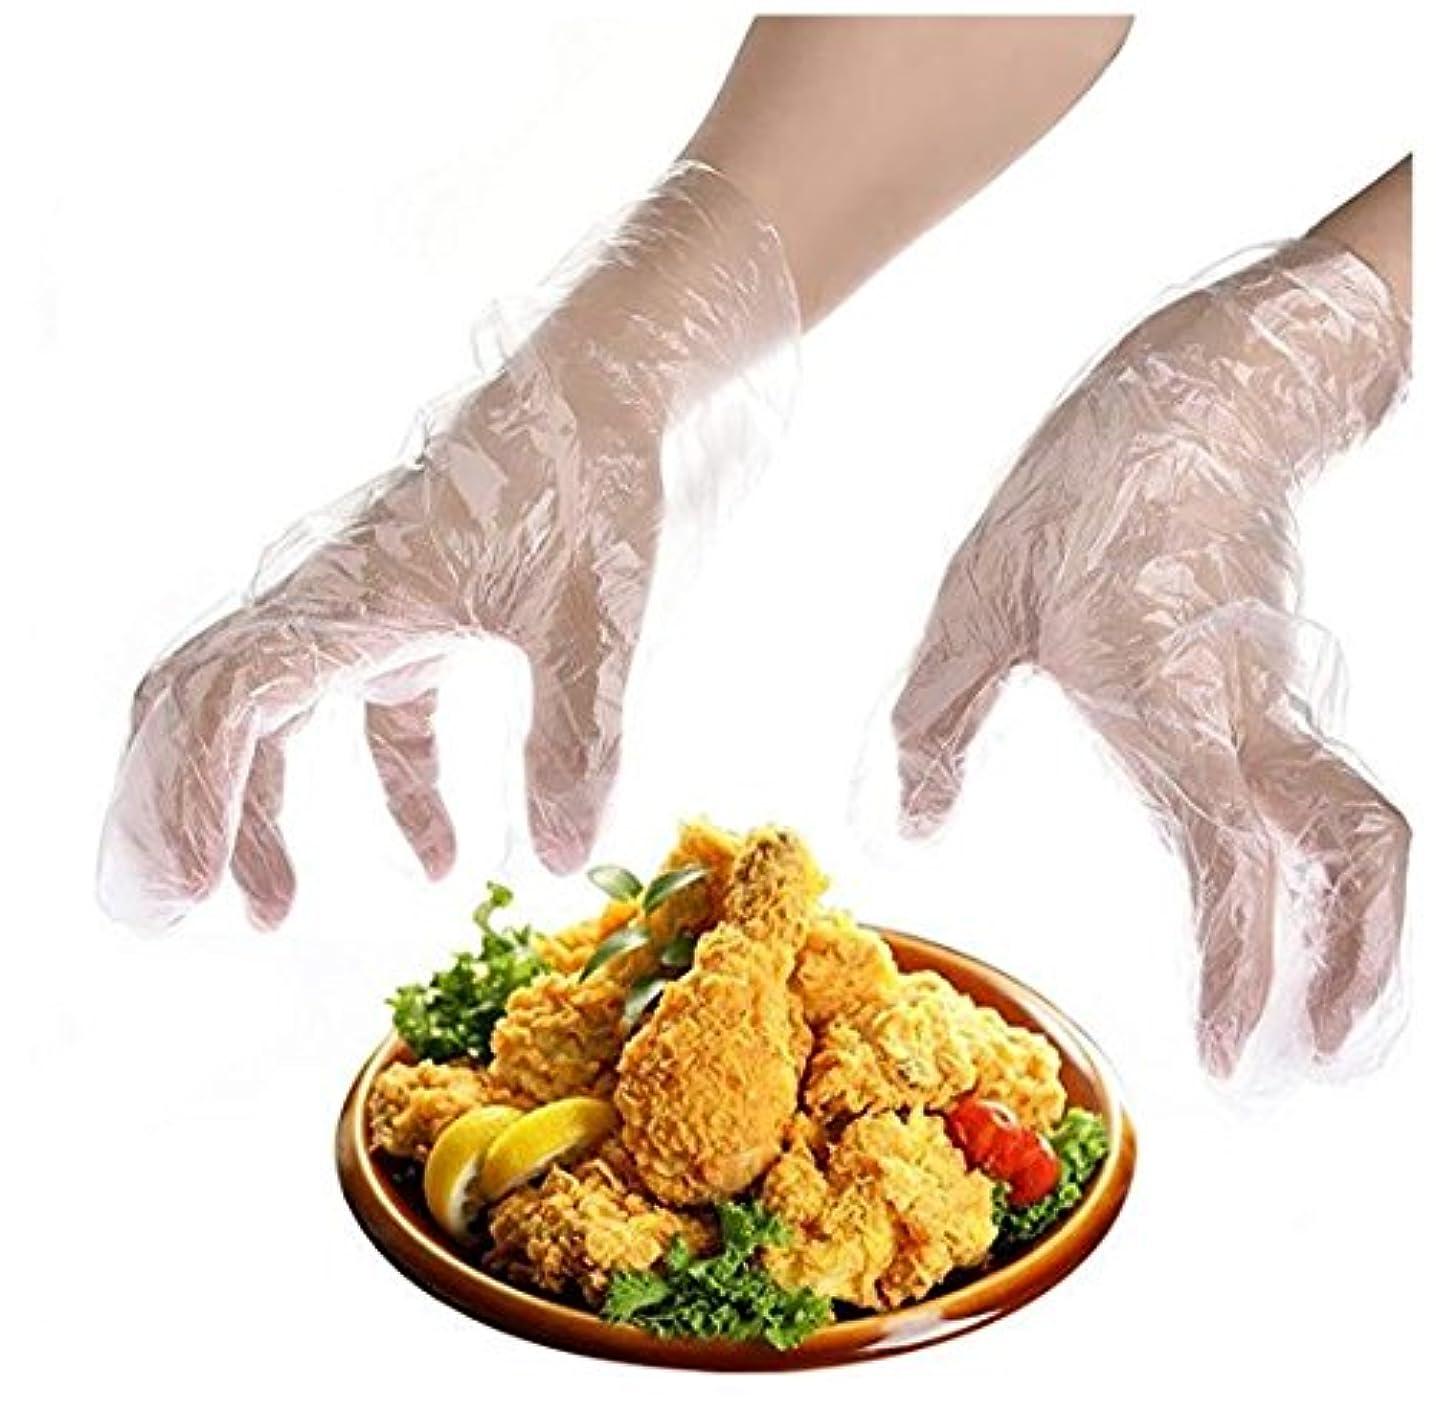 果てしない嫌がる関税Heyuni.使い捨て手袋 極薄ビニール手袋 ポリエチレン 透明 実用 衛生 100枚